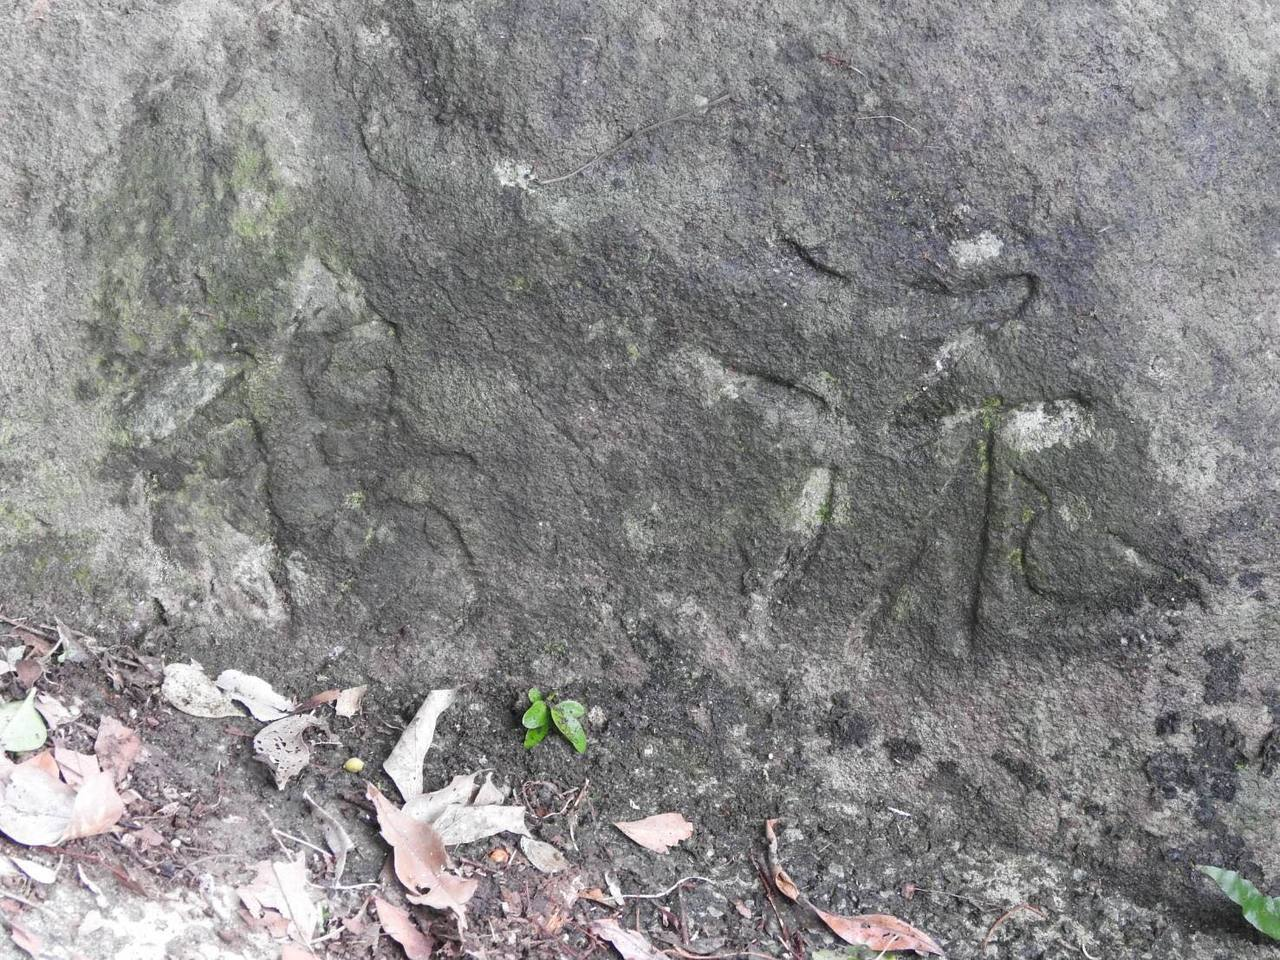 故宮前副院長莊嚴早年因發現這塊刻有「流觴」兩字的石頭,於1973年重現「曲水流觴...